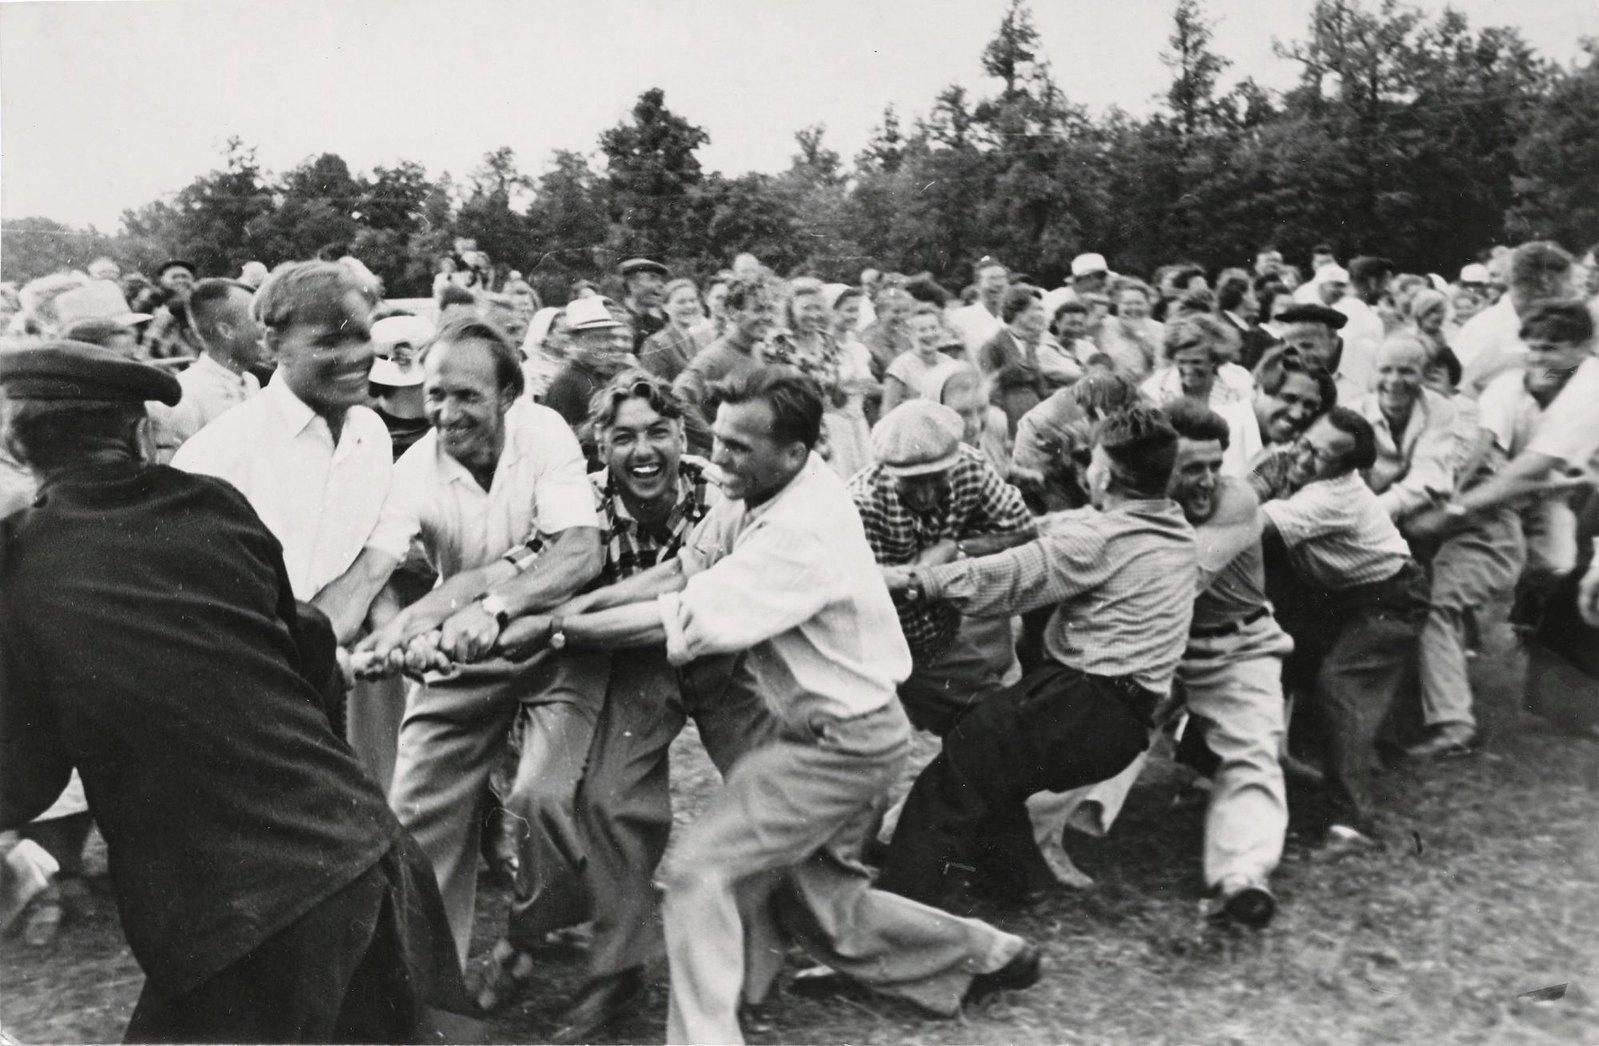 1950. Перетягивание каната